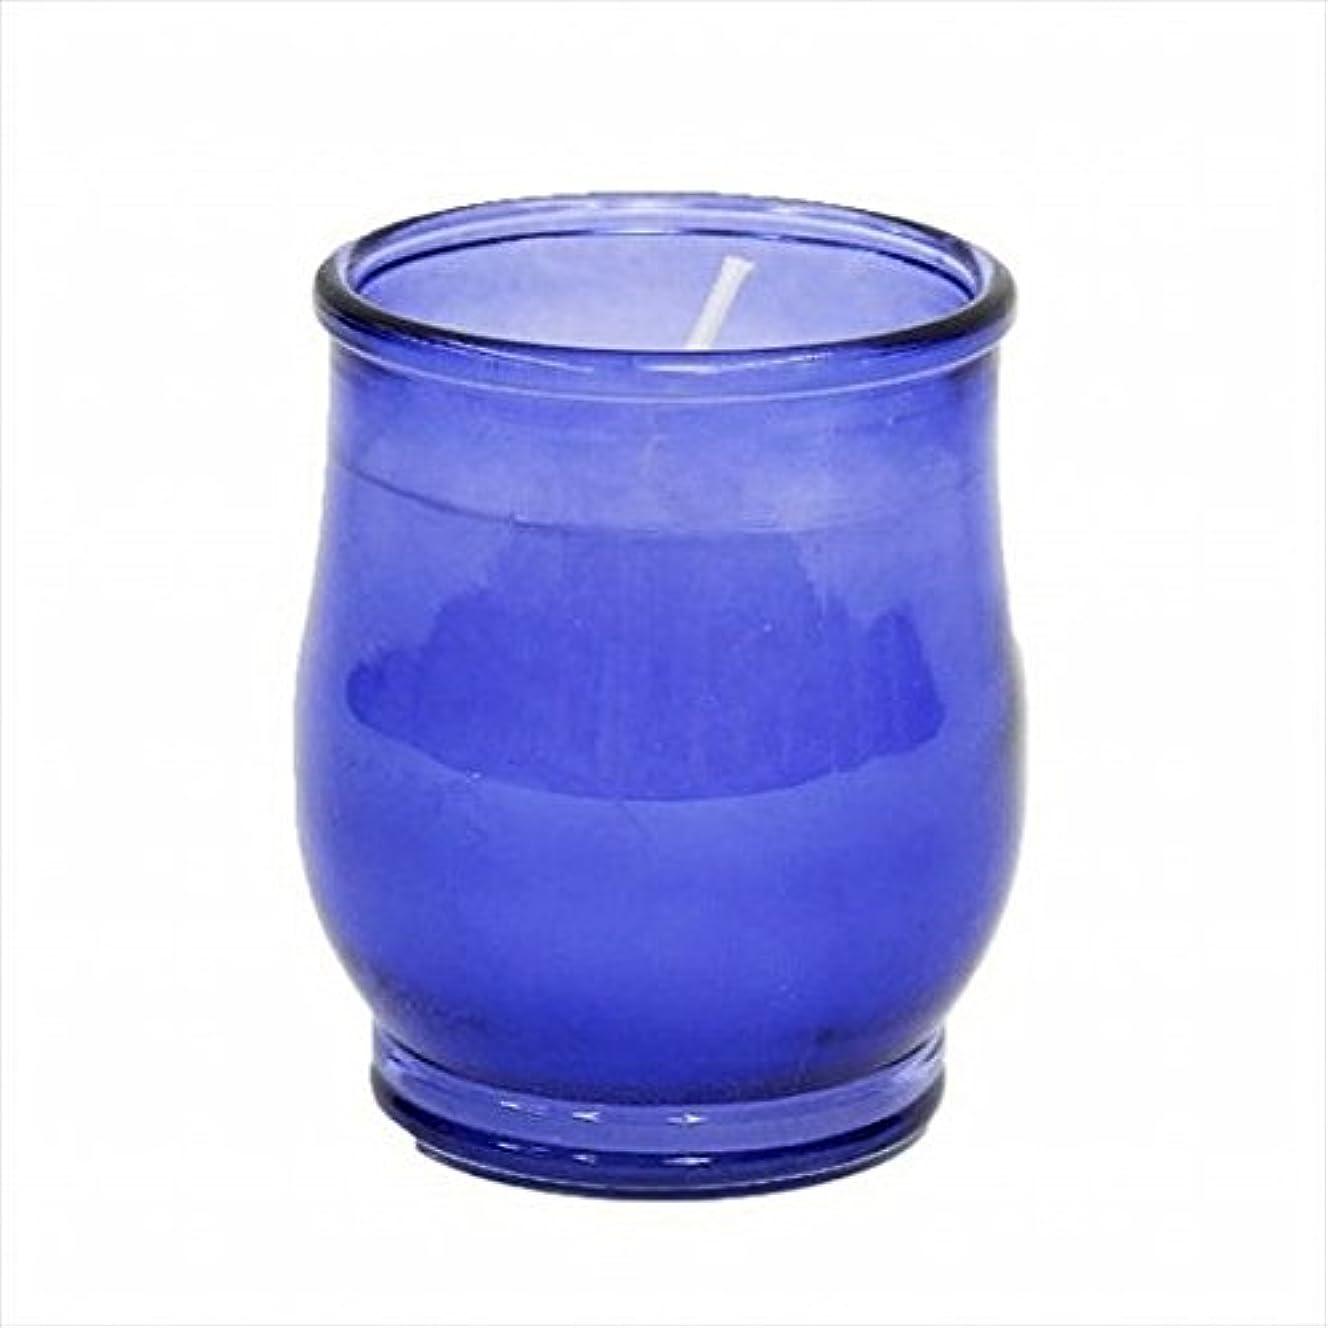 もっと挨拶たとえkameyama candle(カメヤマキャンドル) ポシェ(非常用コップローソク) 「 ブルー(ライトカラー) 」 キャンドル 68x68x80mm (73020030B)